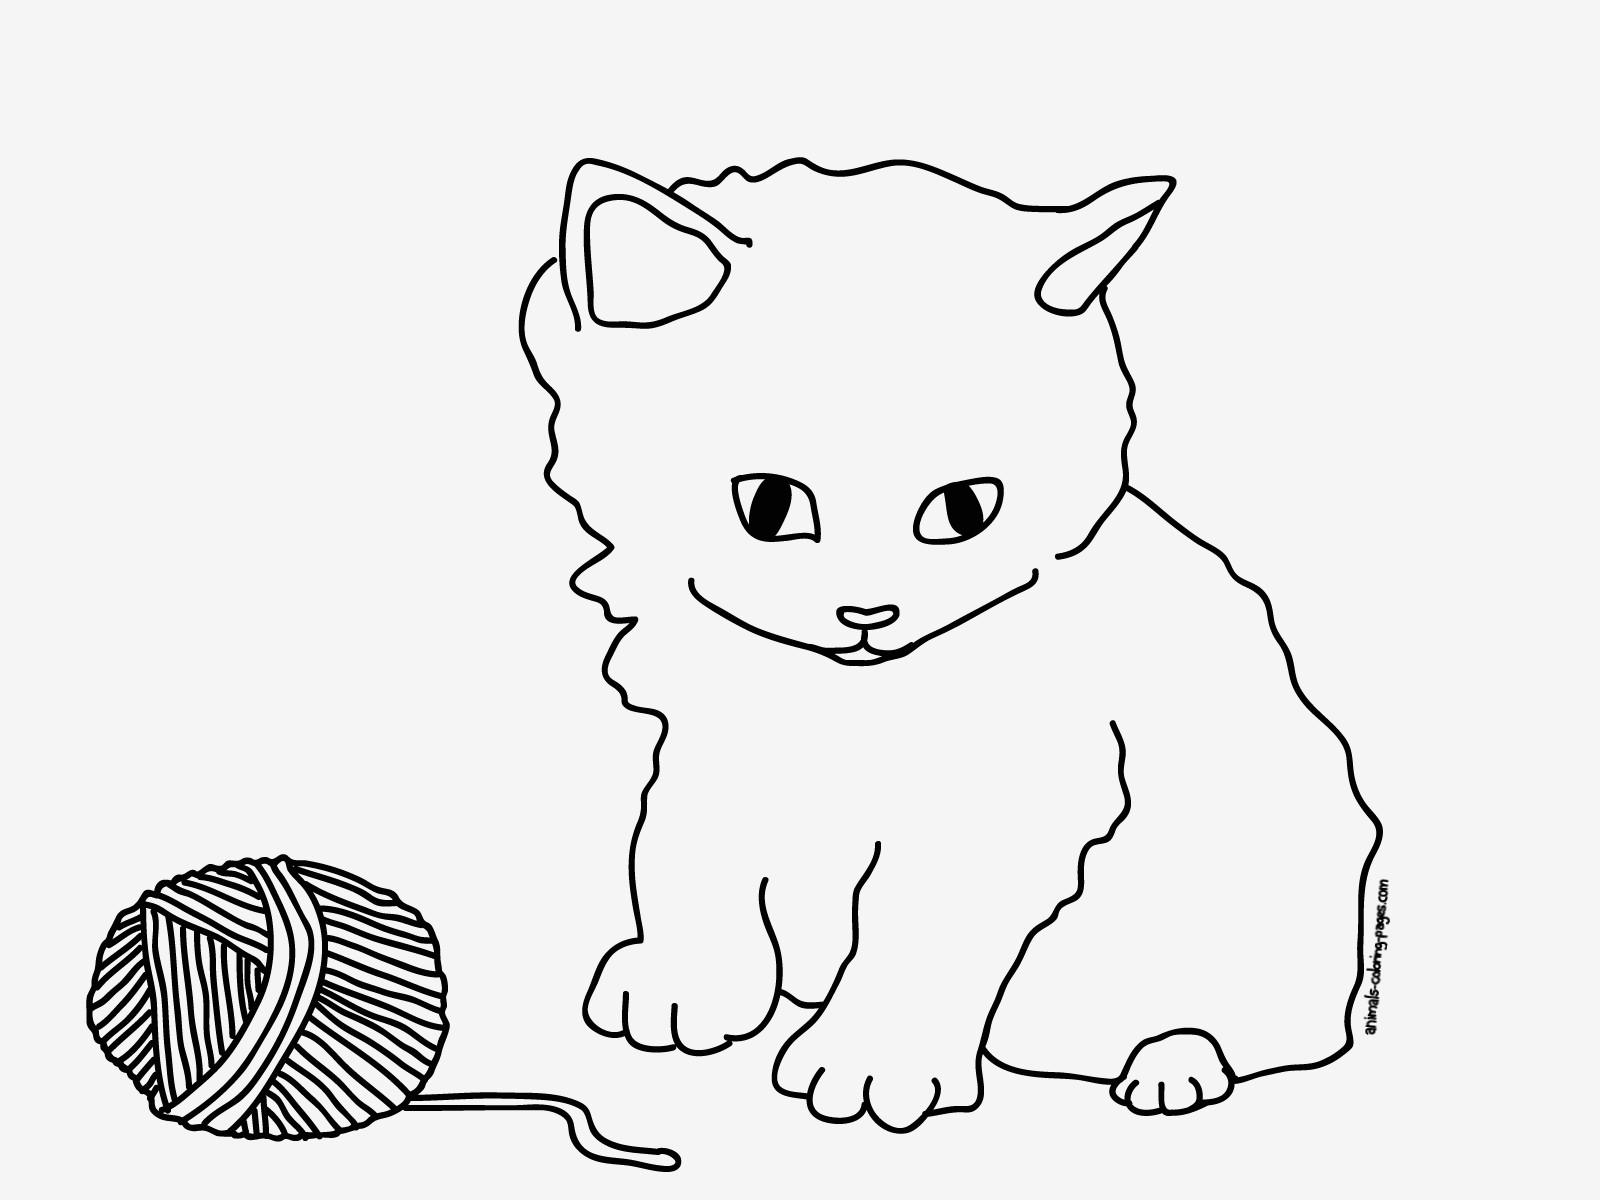 Ausmalbilder Katze Und Hund Inspirierend Spannende Coloring Bilder Malvorlagen Katzen Kostenlos Bild